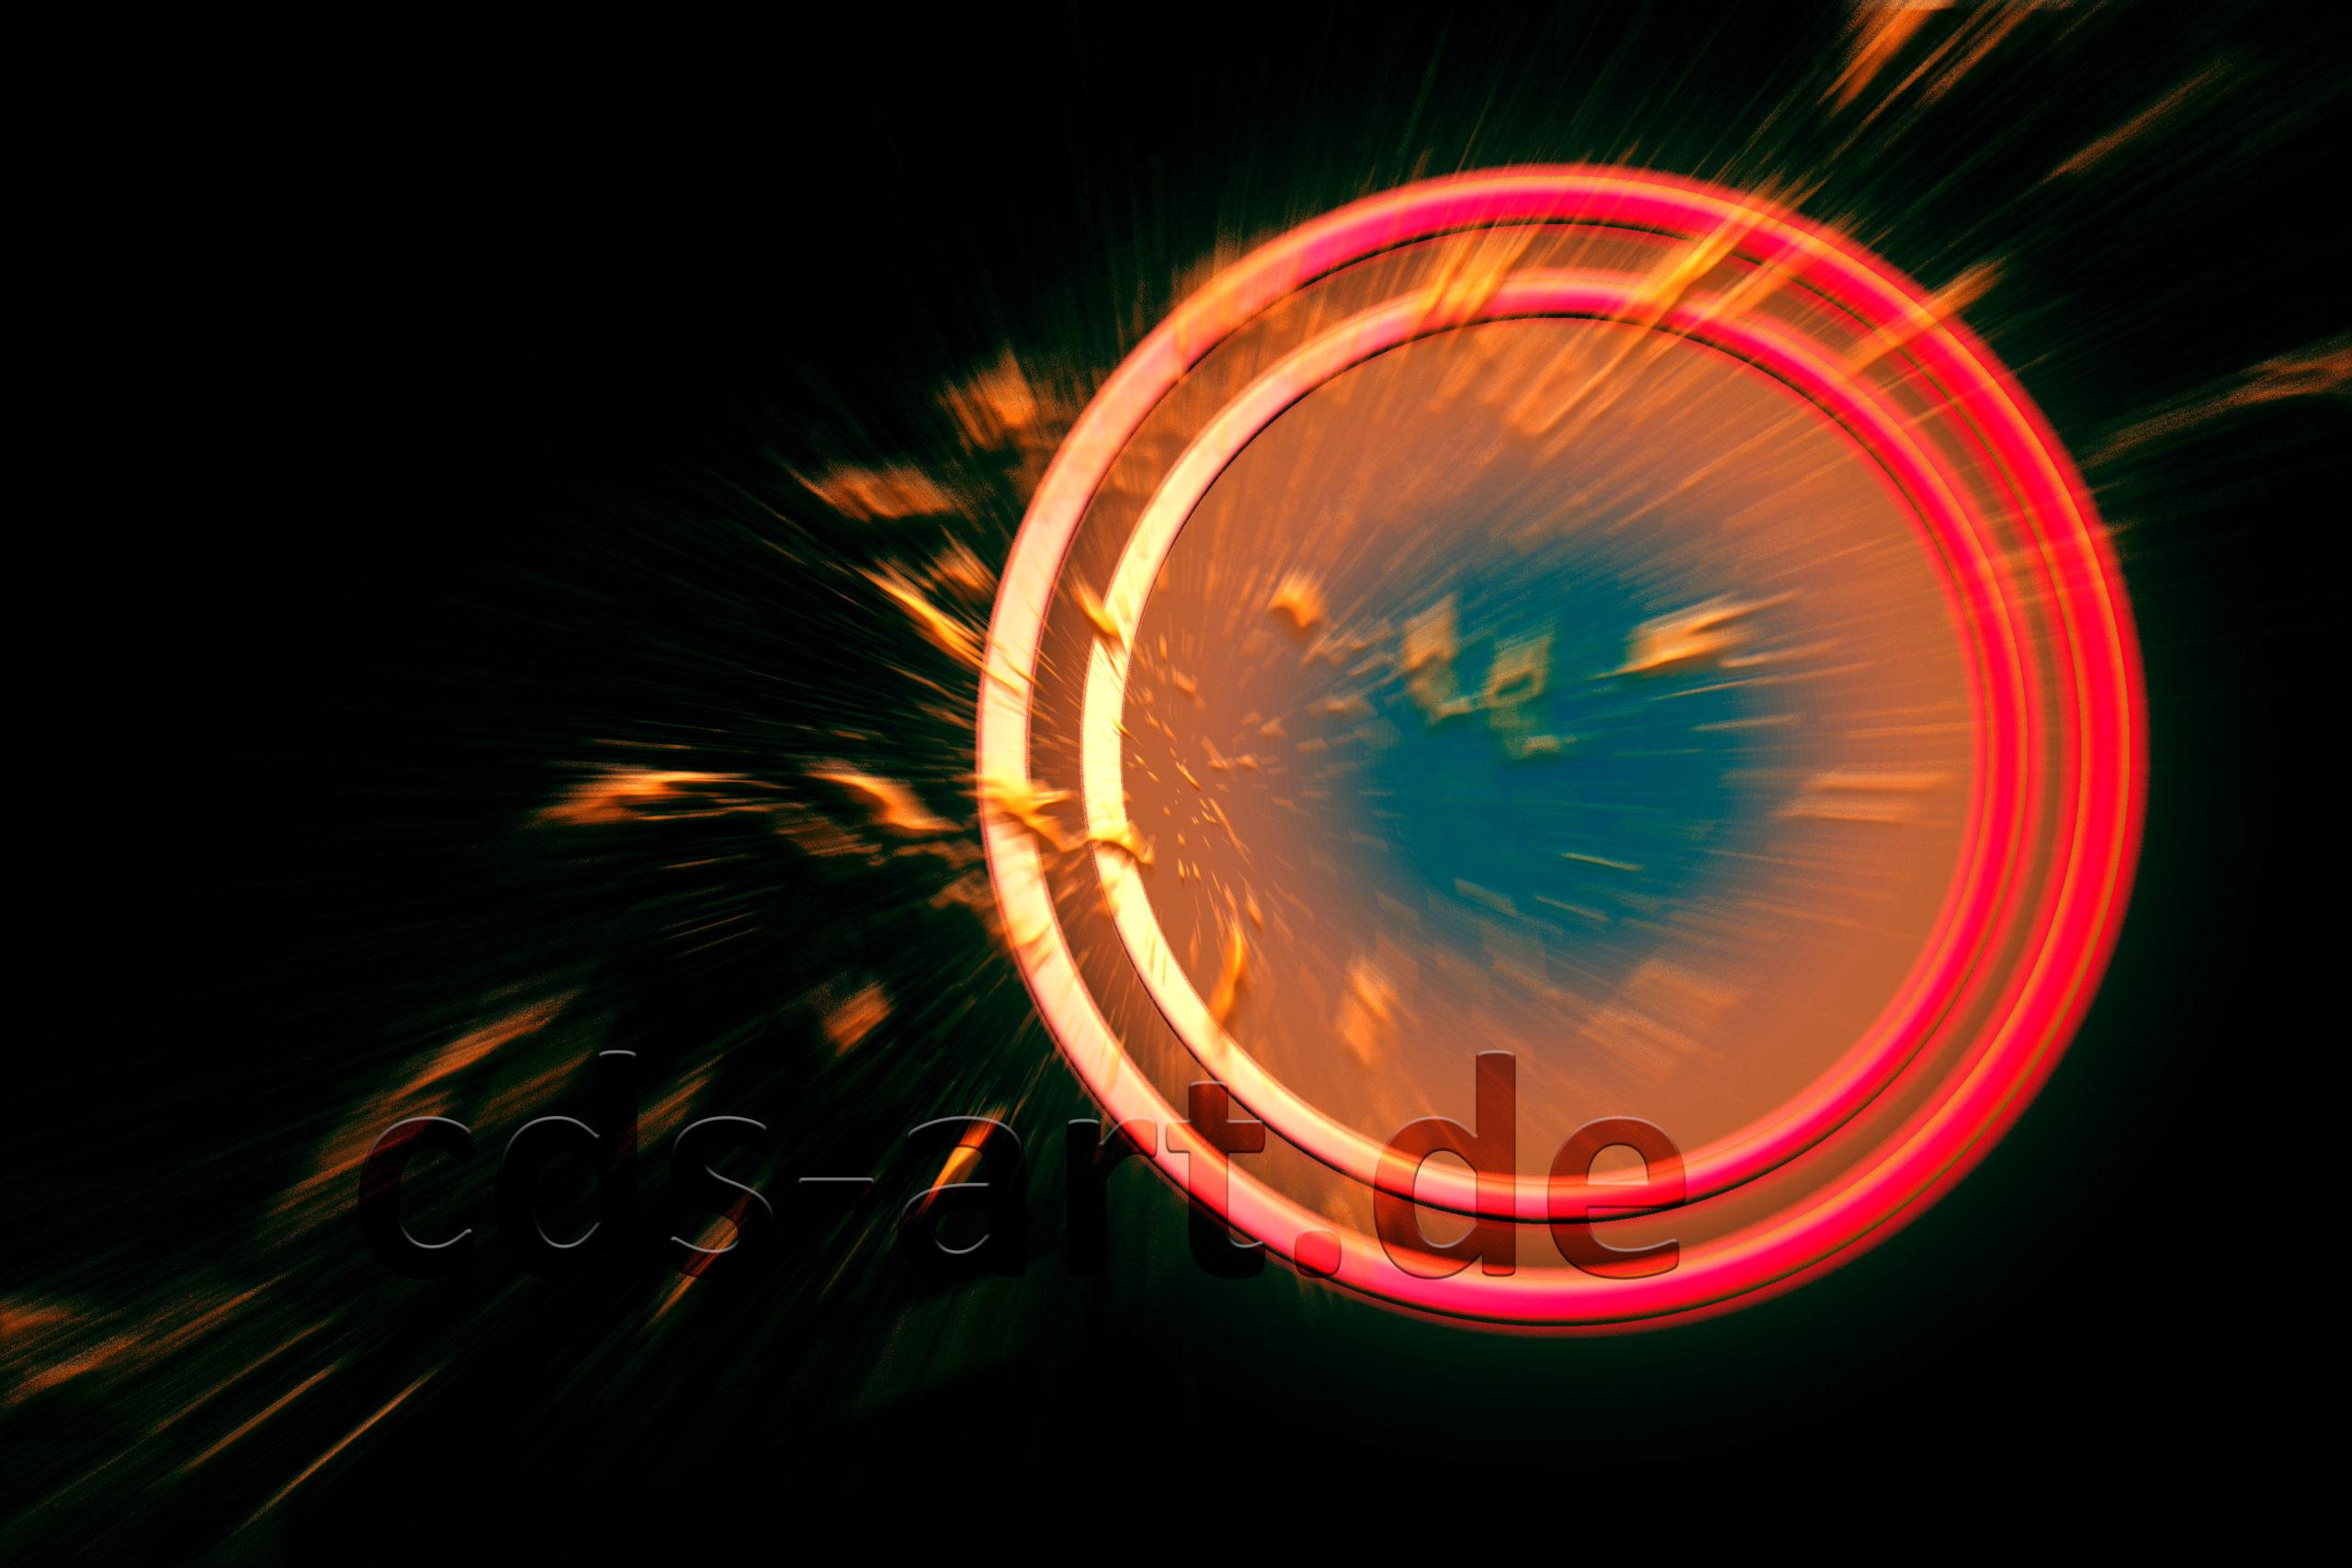 rings exploding 1